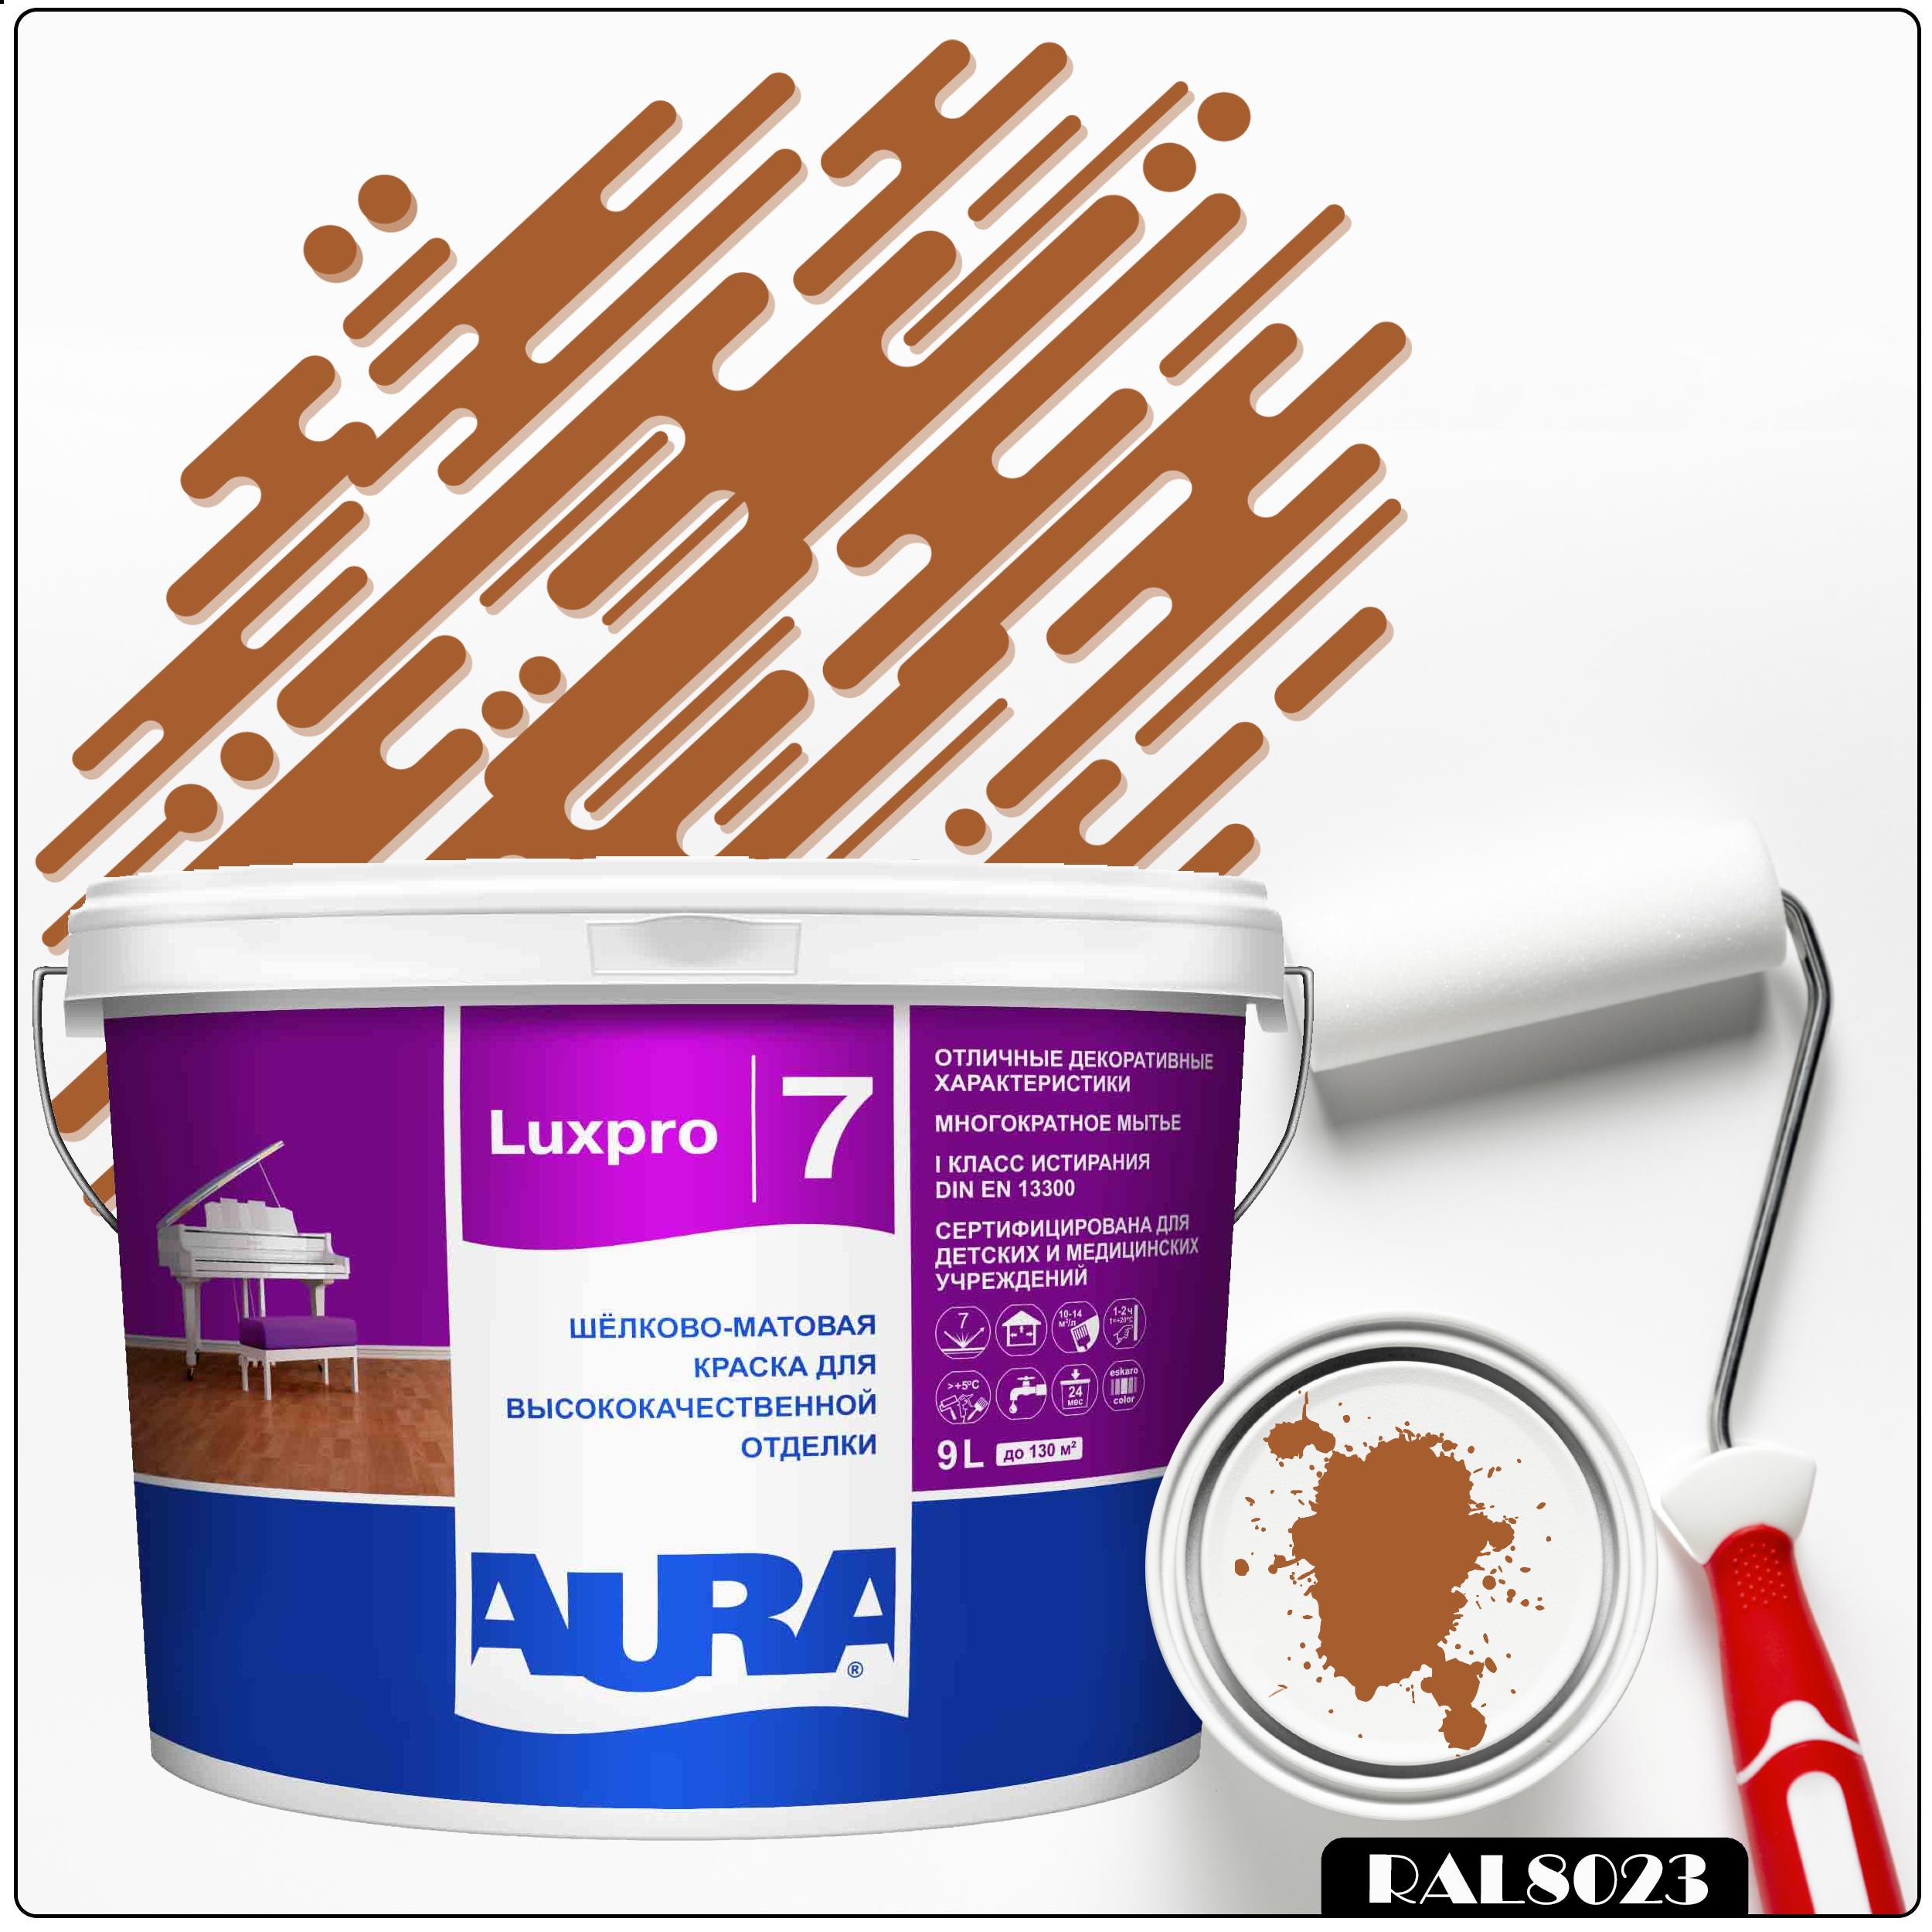 Фото 16 - Краска Aura LuxPRO 7, RAL 8023 Оранжево-коричневый, латексная, шелково-матовая, интерьерная, 9л, Аура.